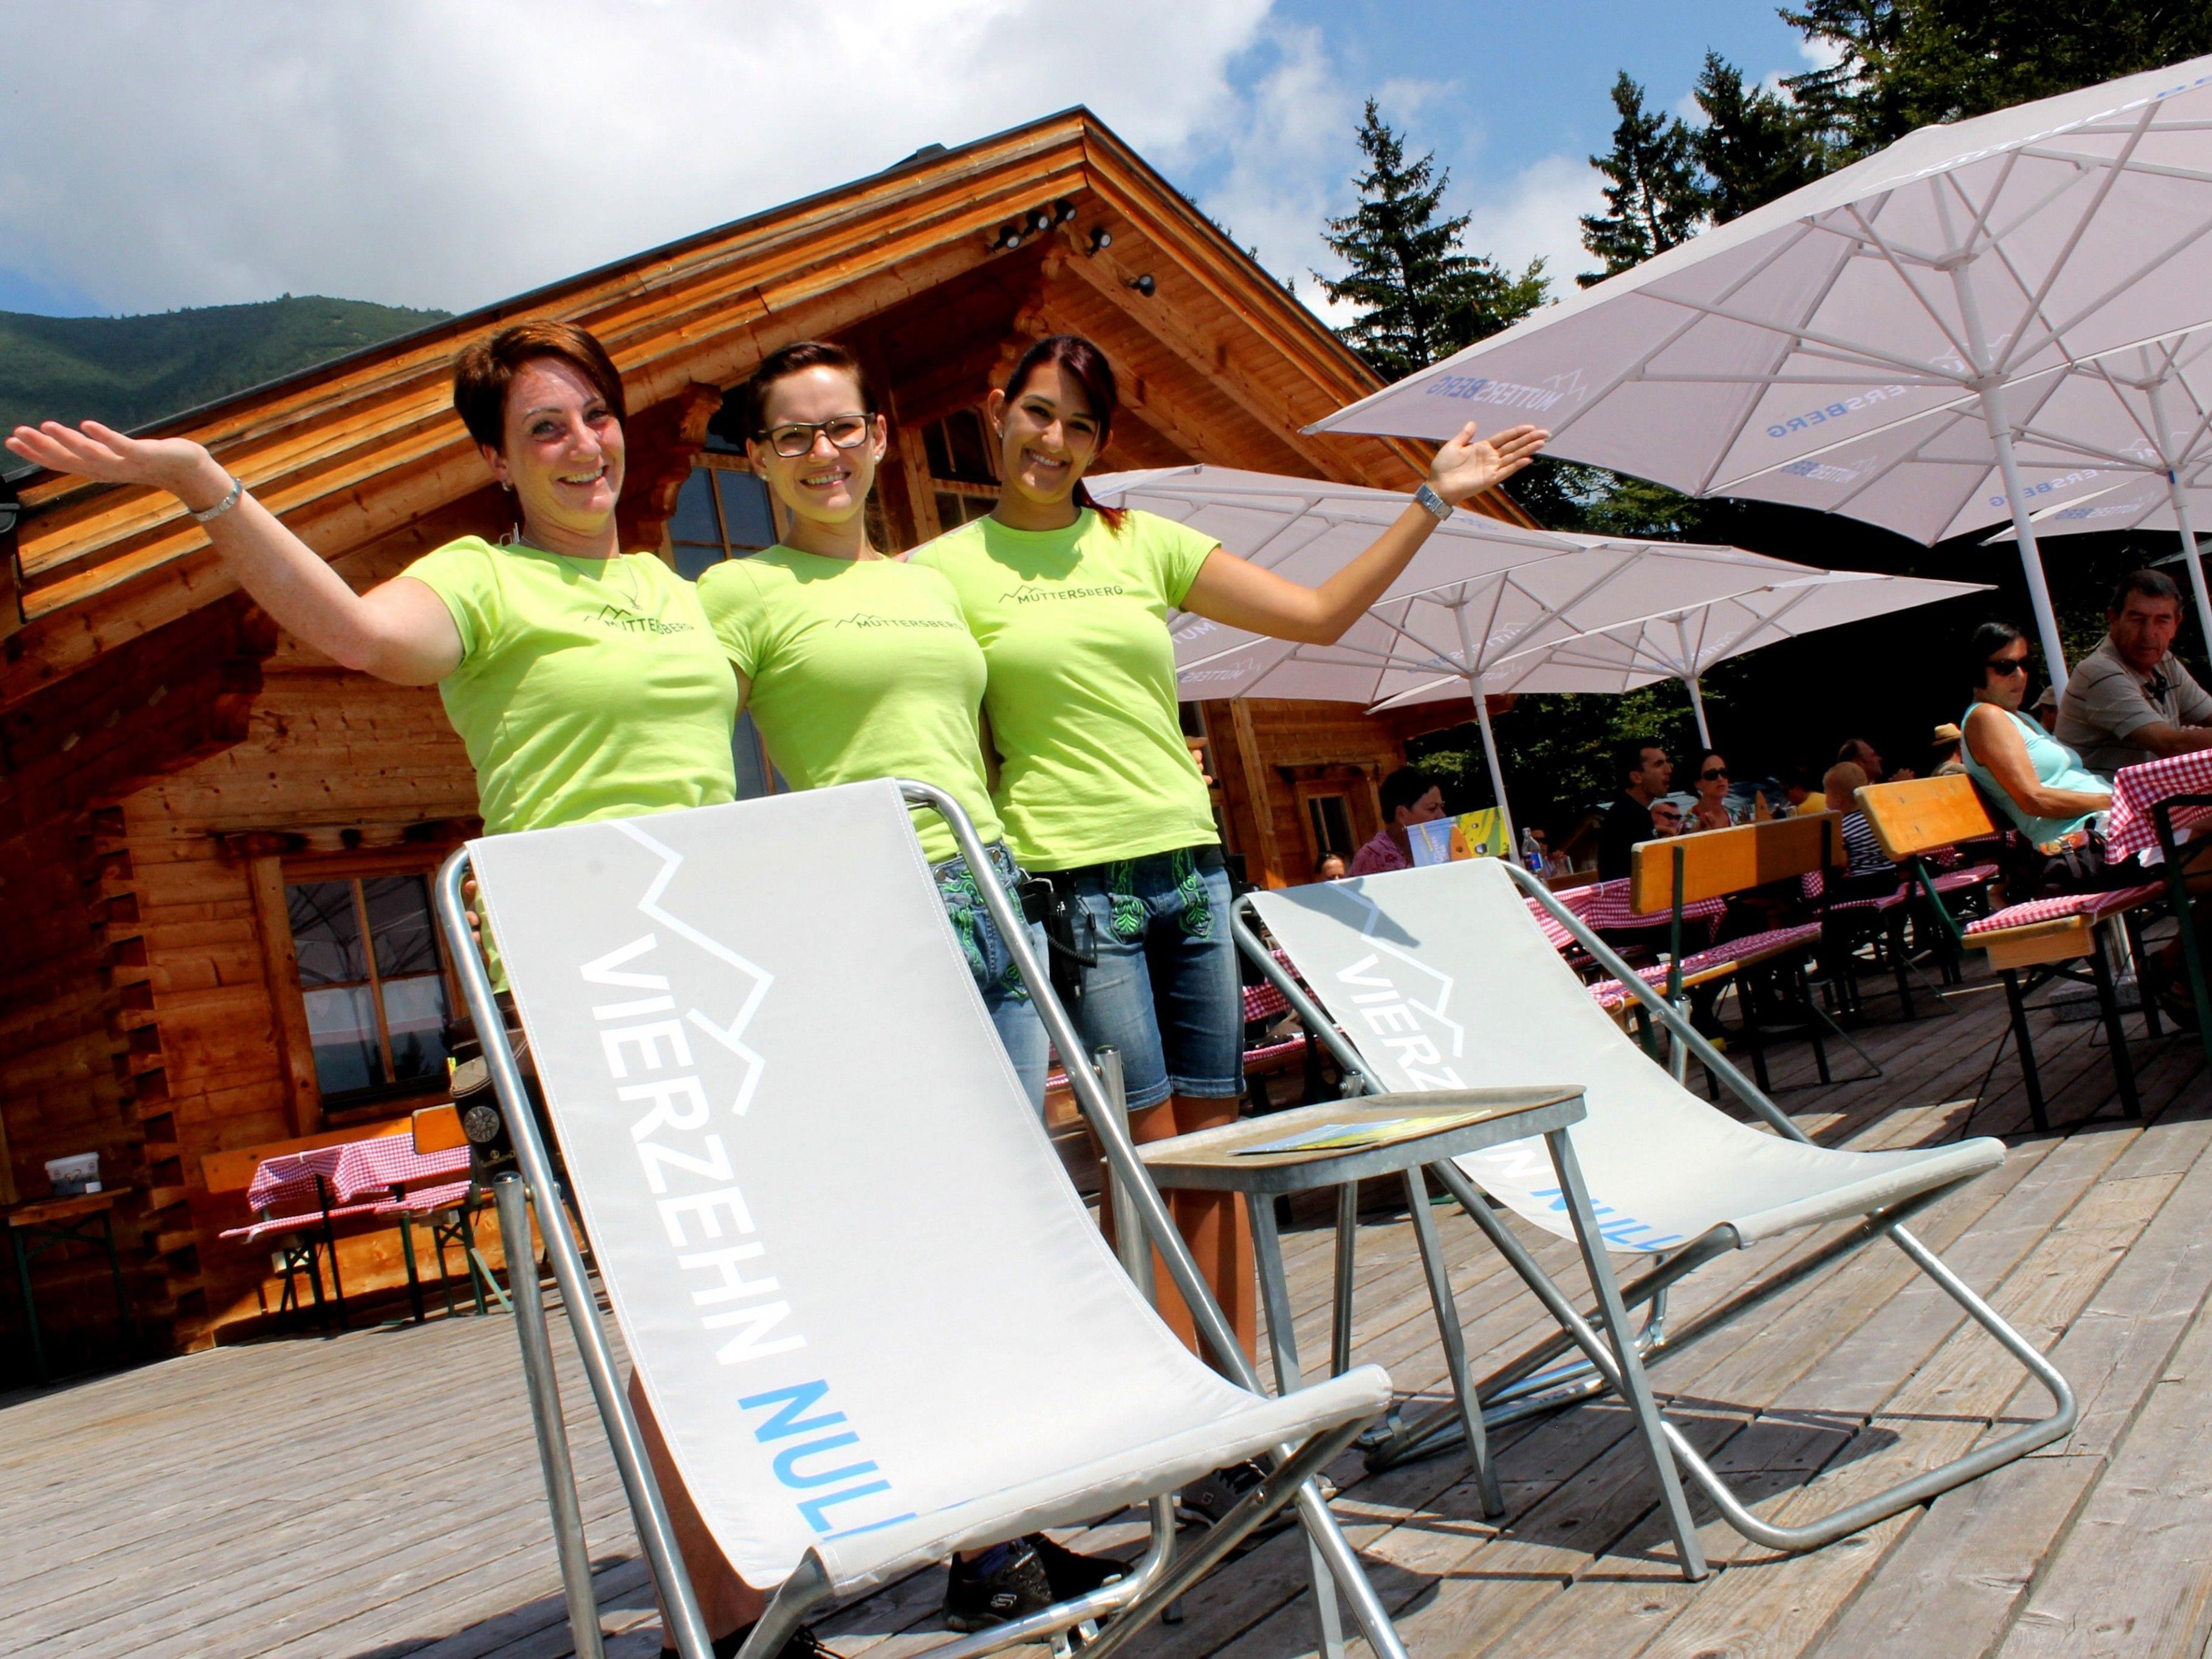 Neues Erscheinungsbild in Form von Sonnenschirmen, Liegestühlen und Kleidung für die AlpengasthofmitarbeiterInnen am Muttersberg.